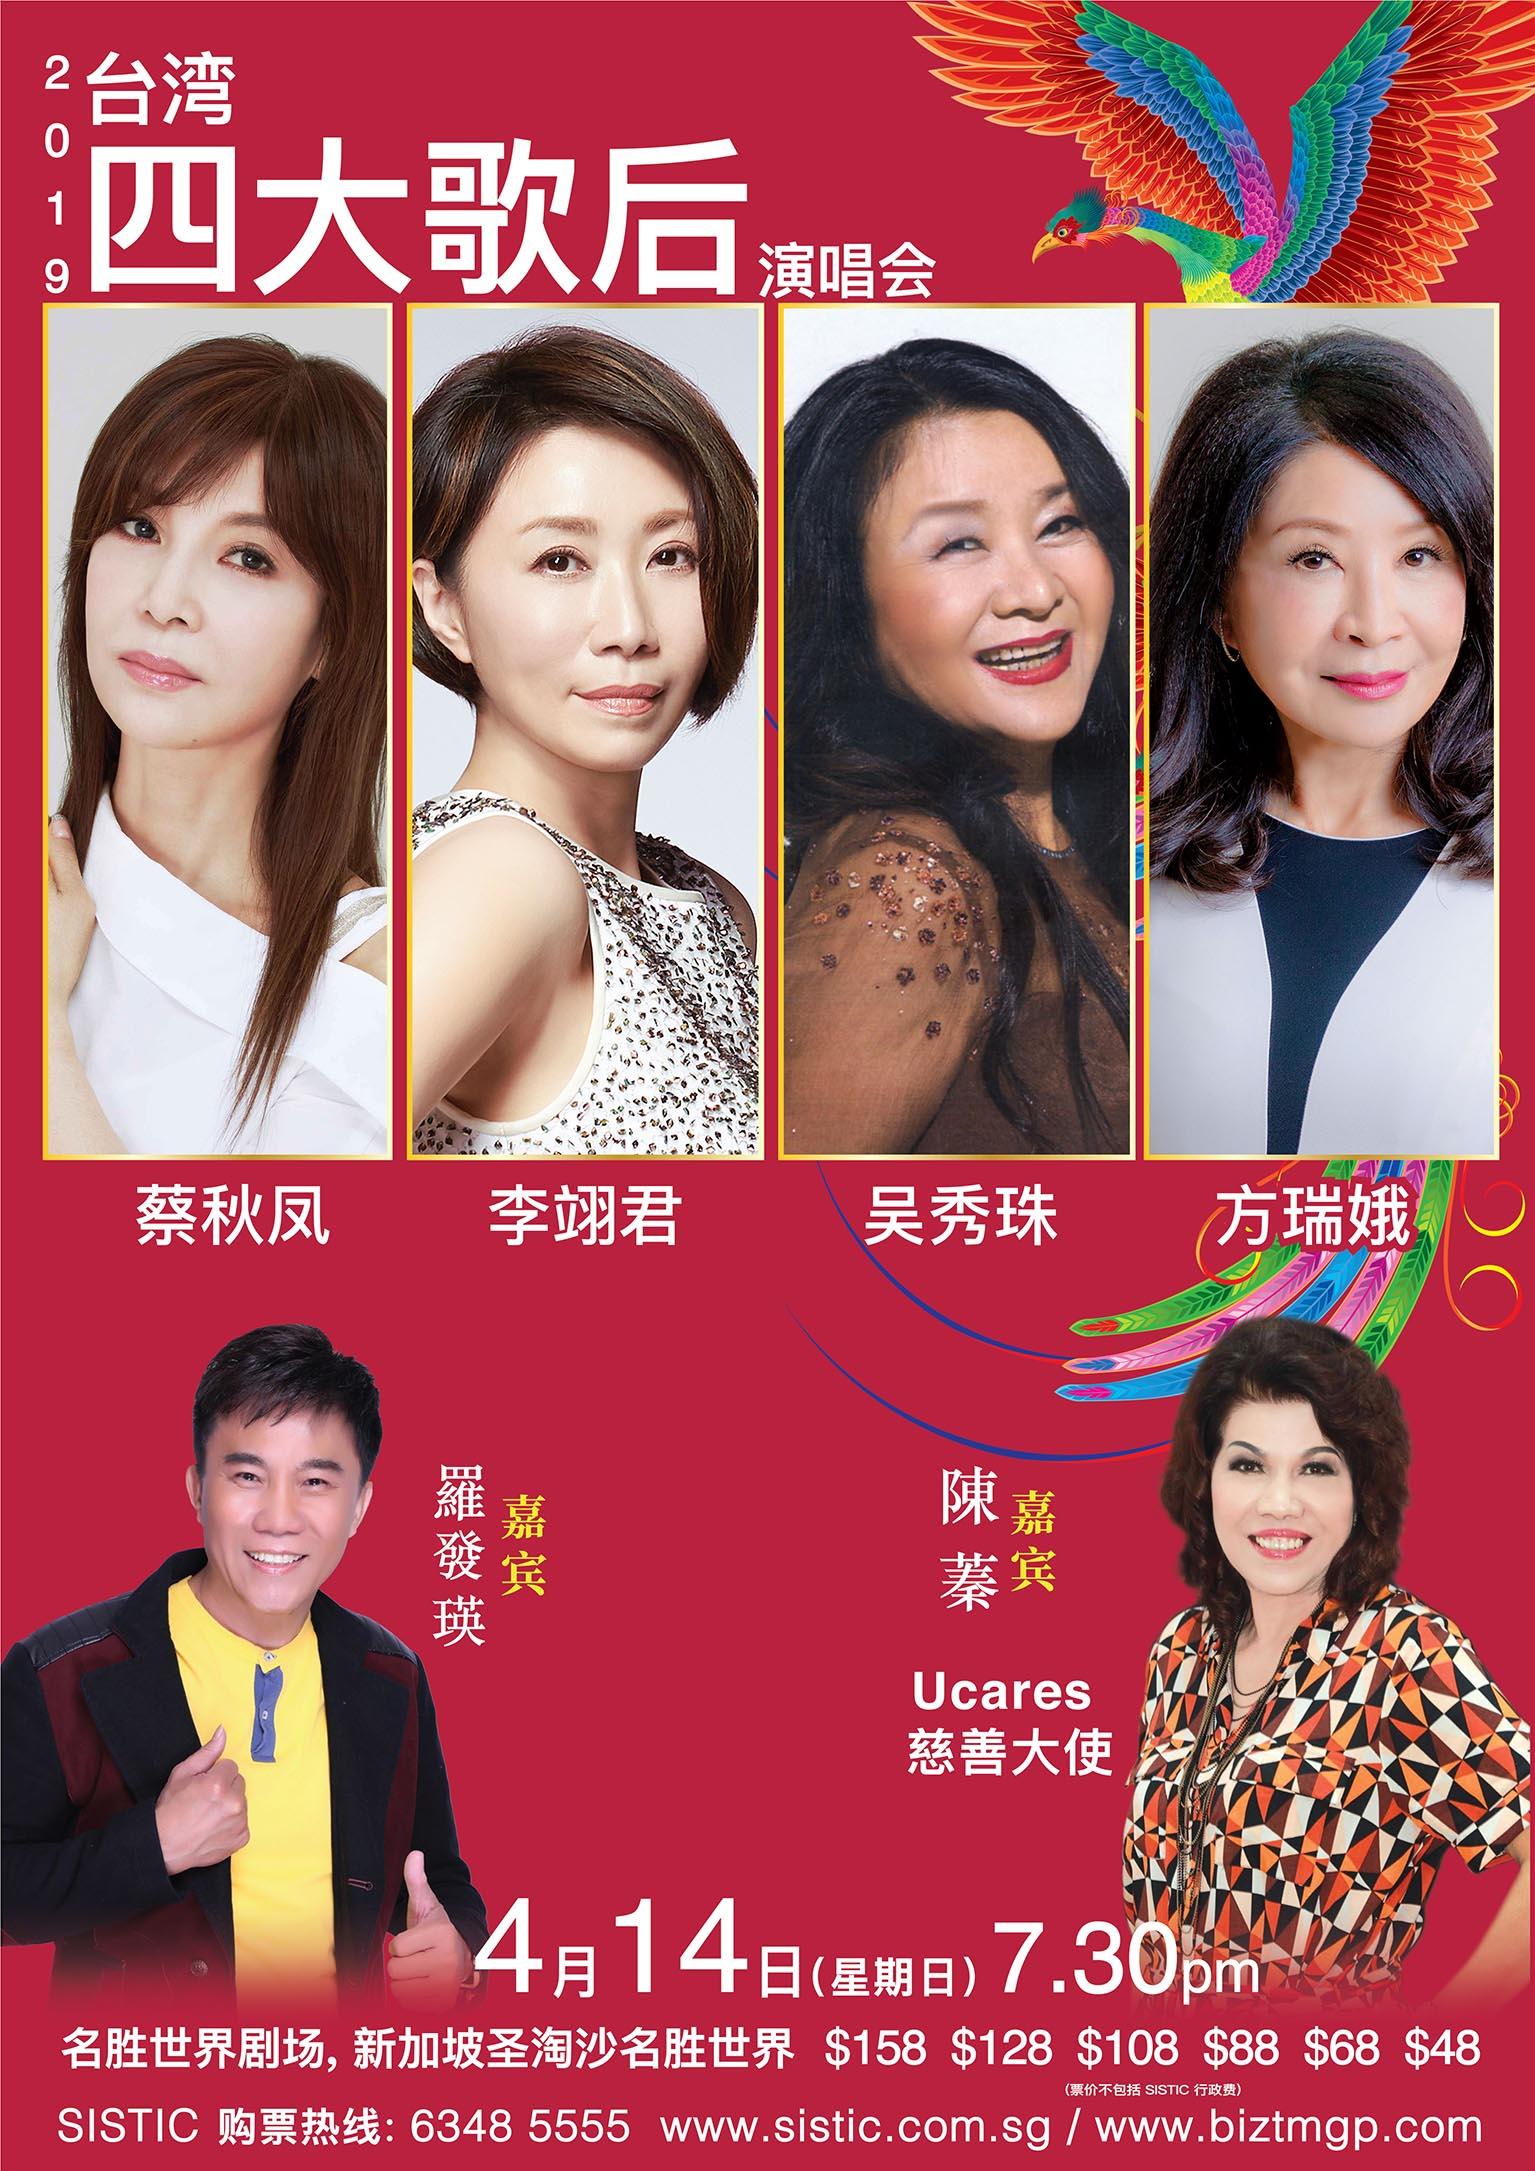 Taiwan 4 Divas